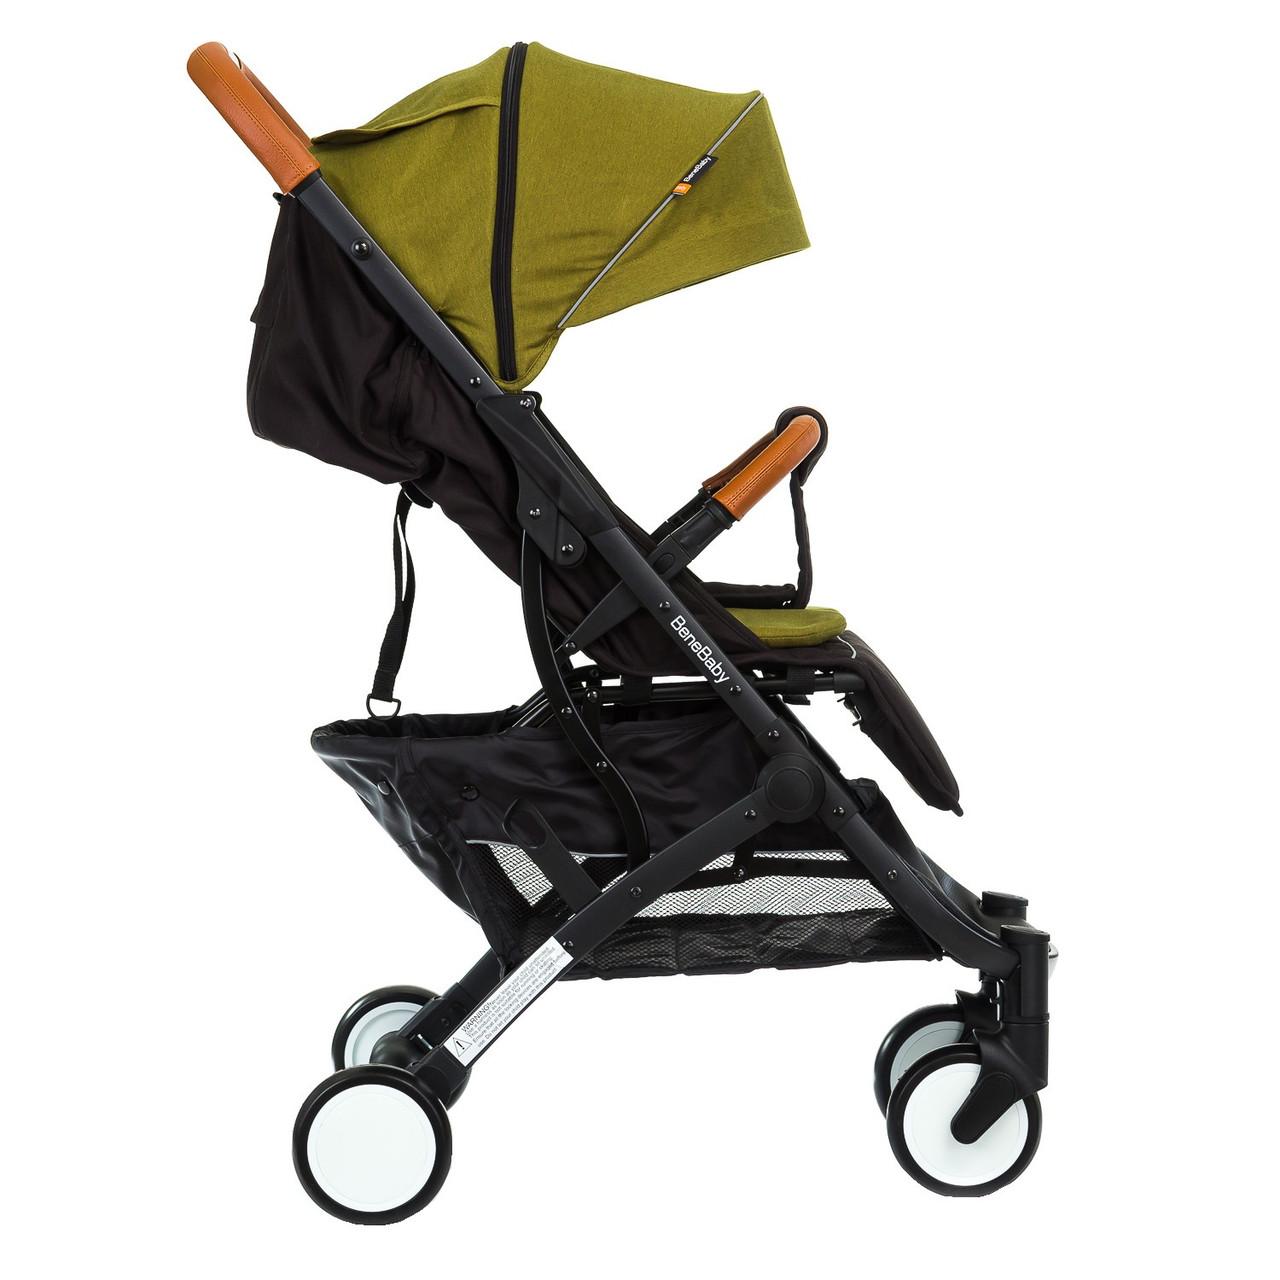 Легка і Зручна Прогулянкова коляска книжка Bene Baby D200 + Подарунок + Безкоштовна ДОСТАВКА